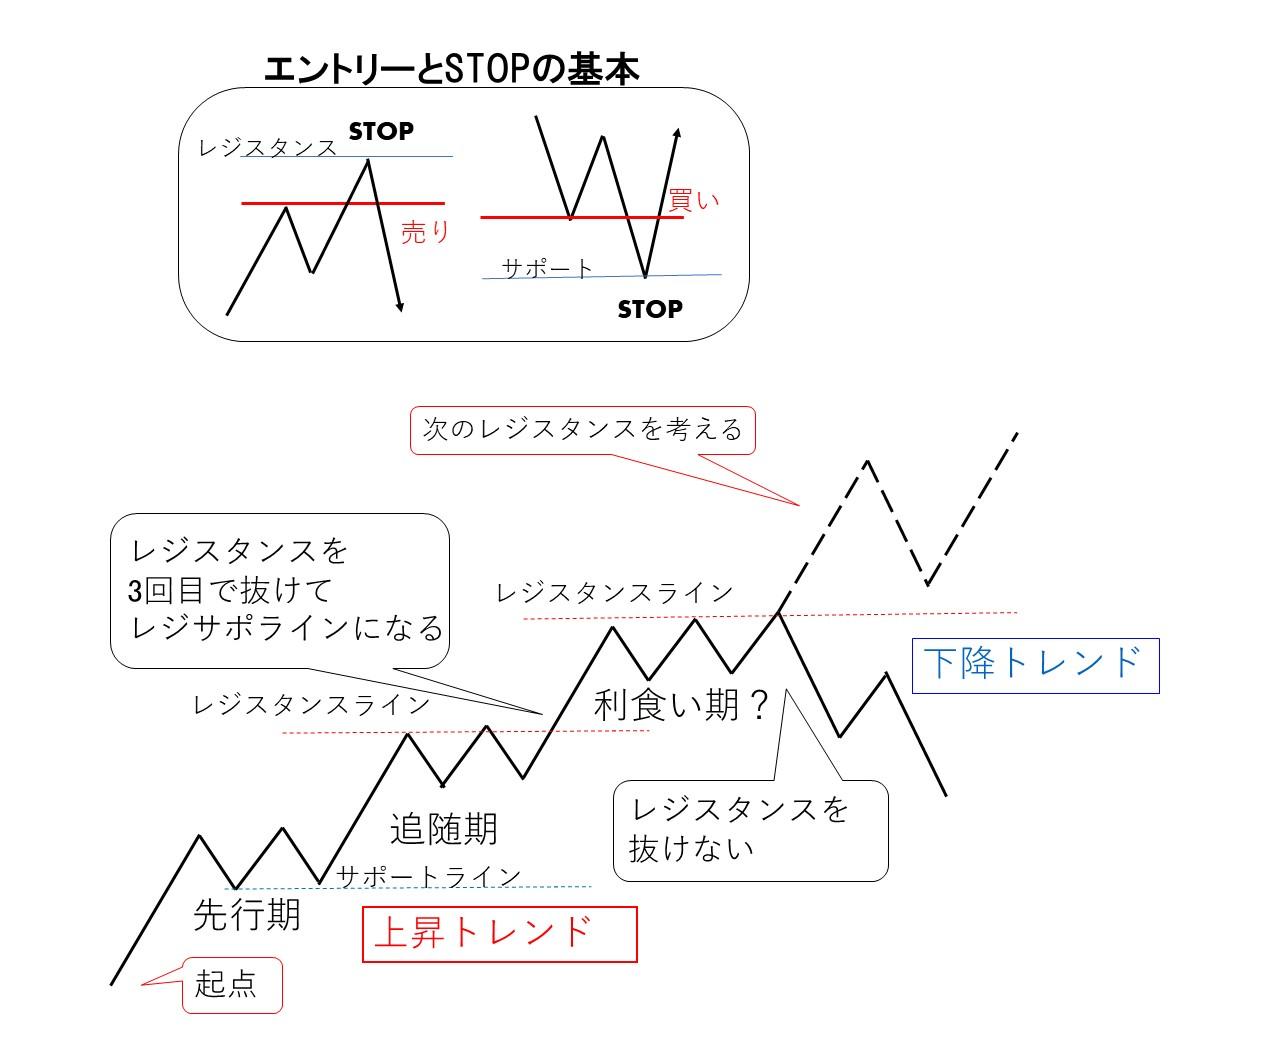 1月20日(月)経済指標予定